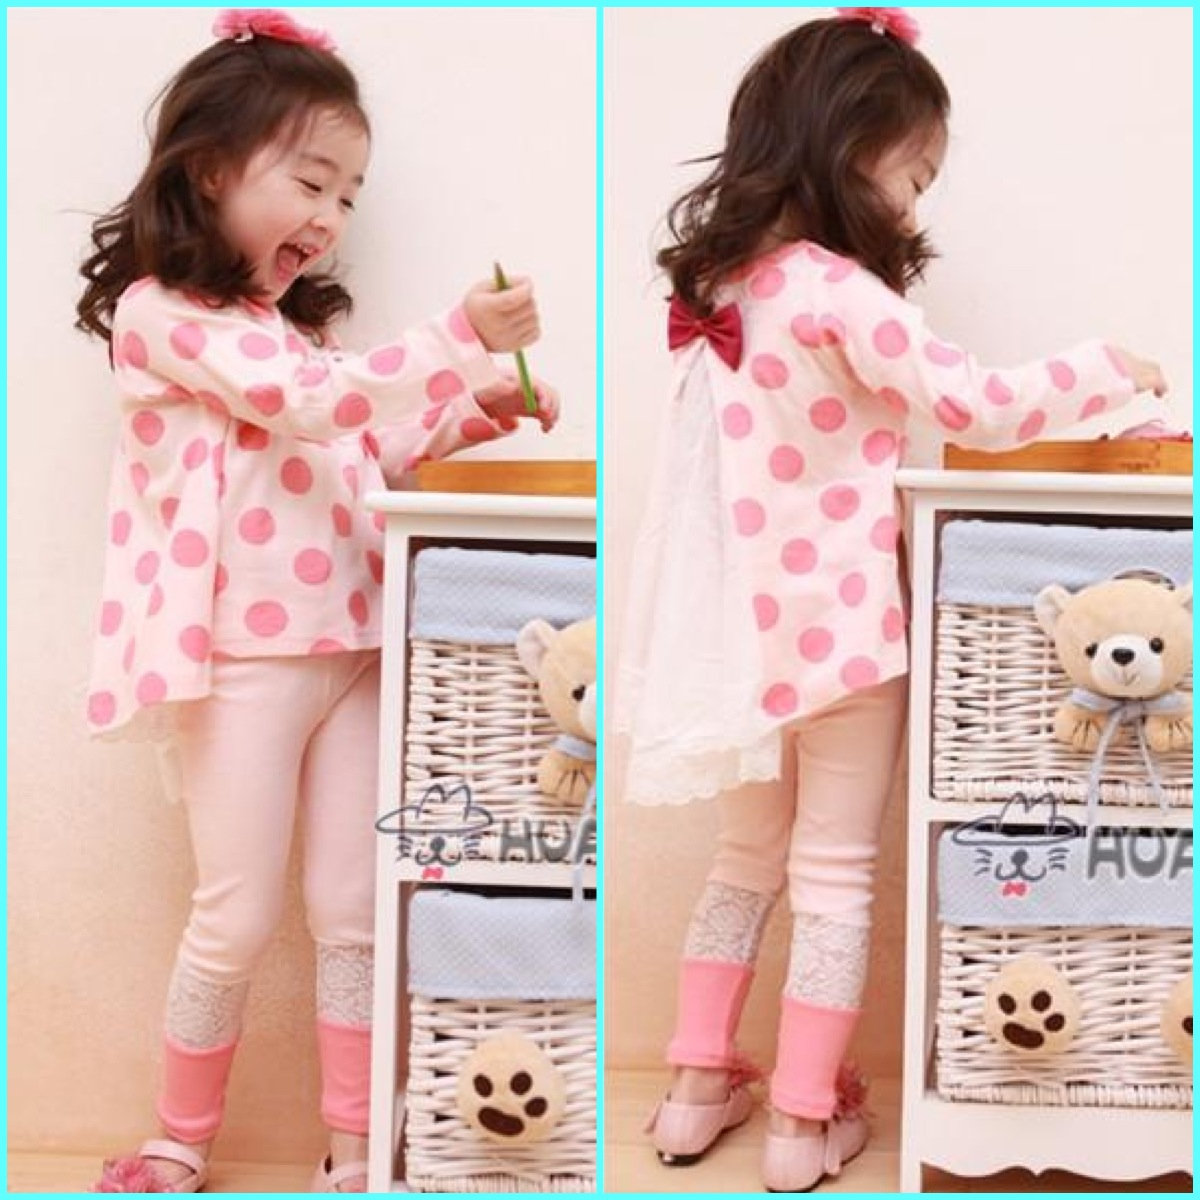 เสื้อผ้าเด็กขายส่งยกแพ็ค ชุดเสื้อระบายหลัง และกางเกงเลคกิ้งลูกไม้ที่ปลายขา แพ็ค 5 ชุด ไซด์ 100-140